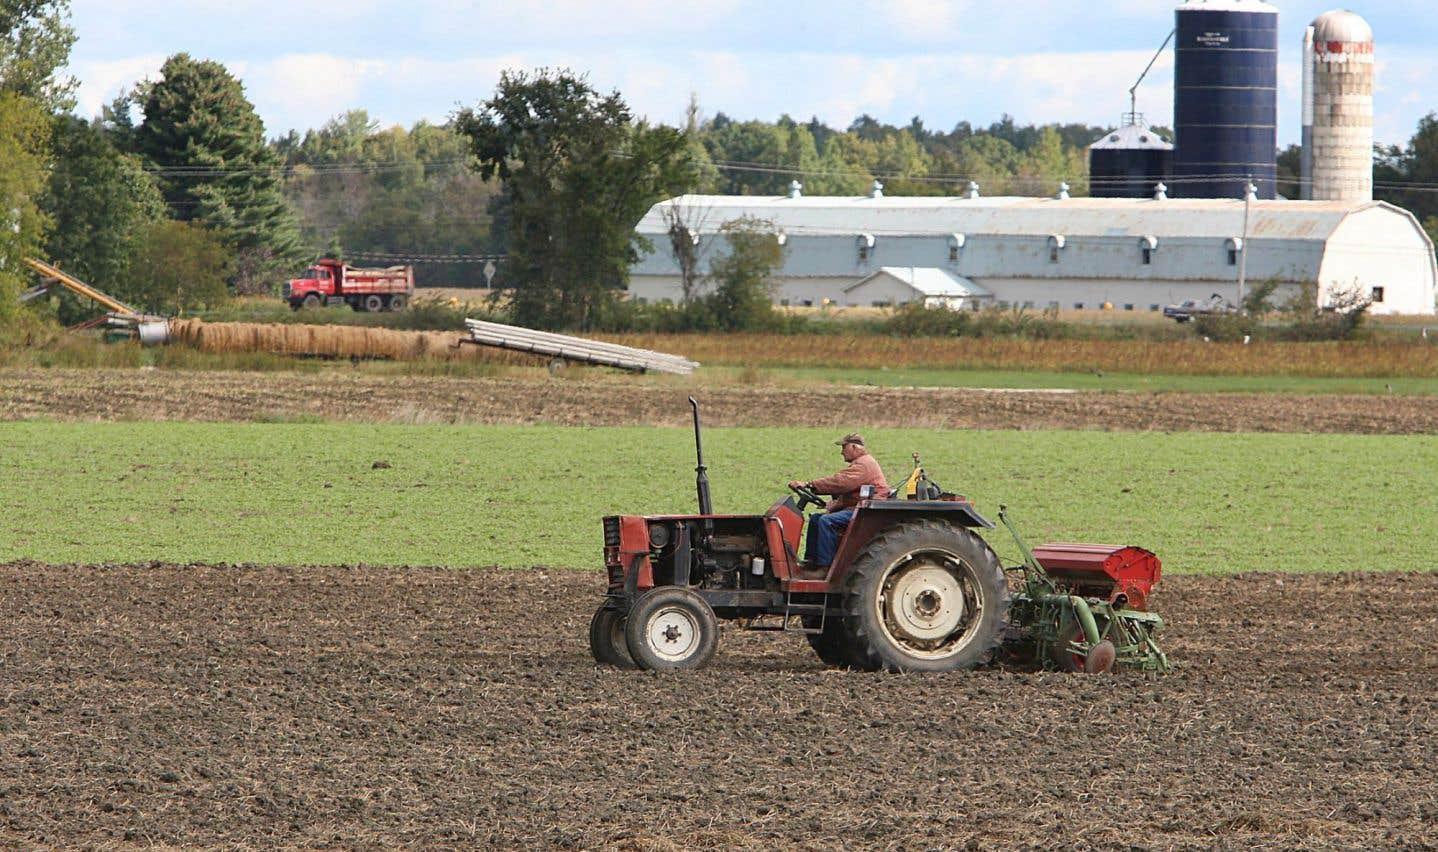 Pangea défend son modèle agricole